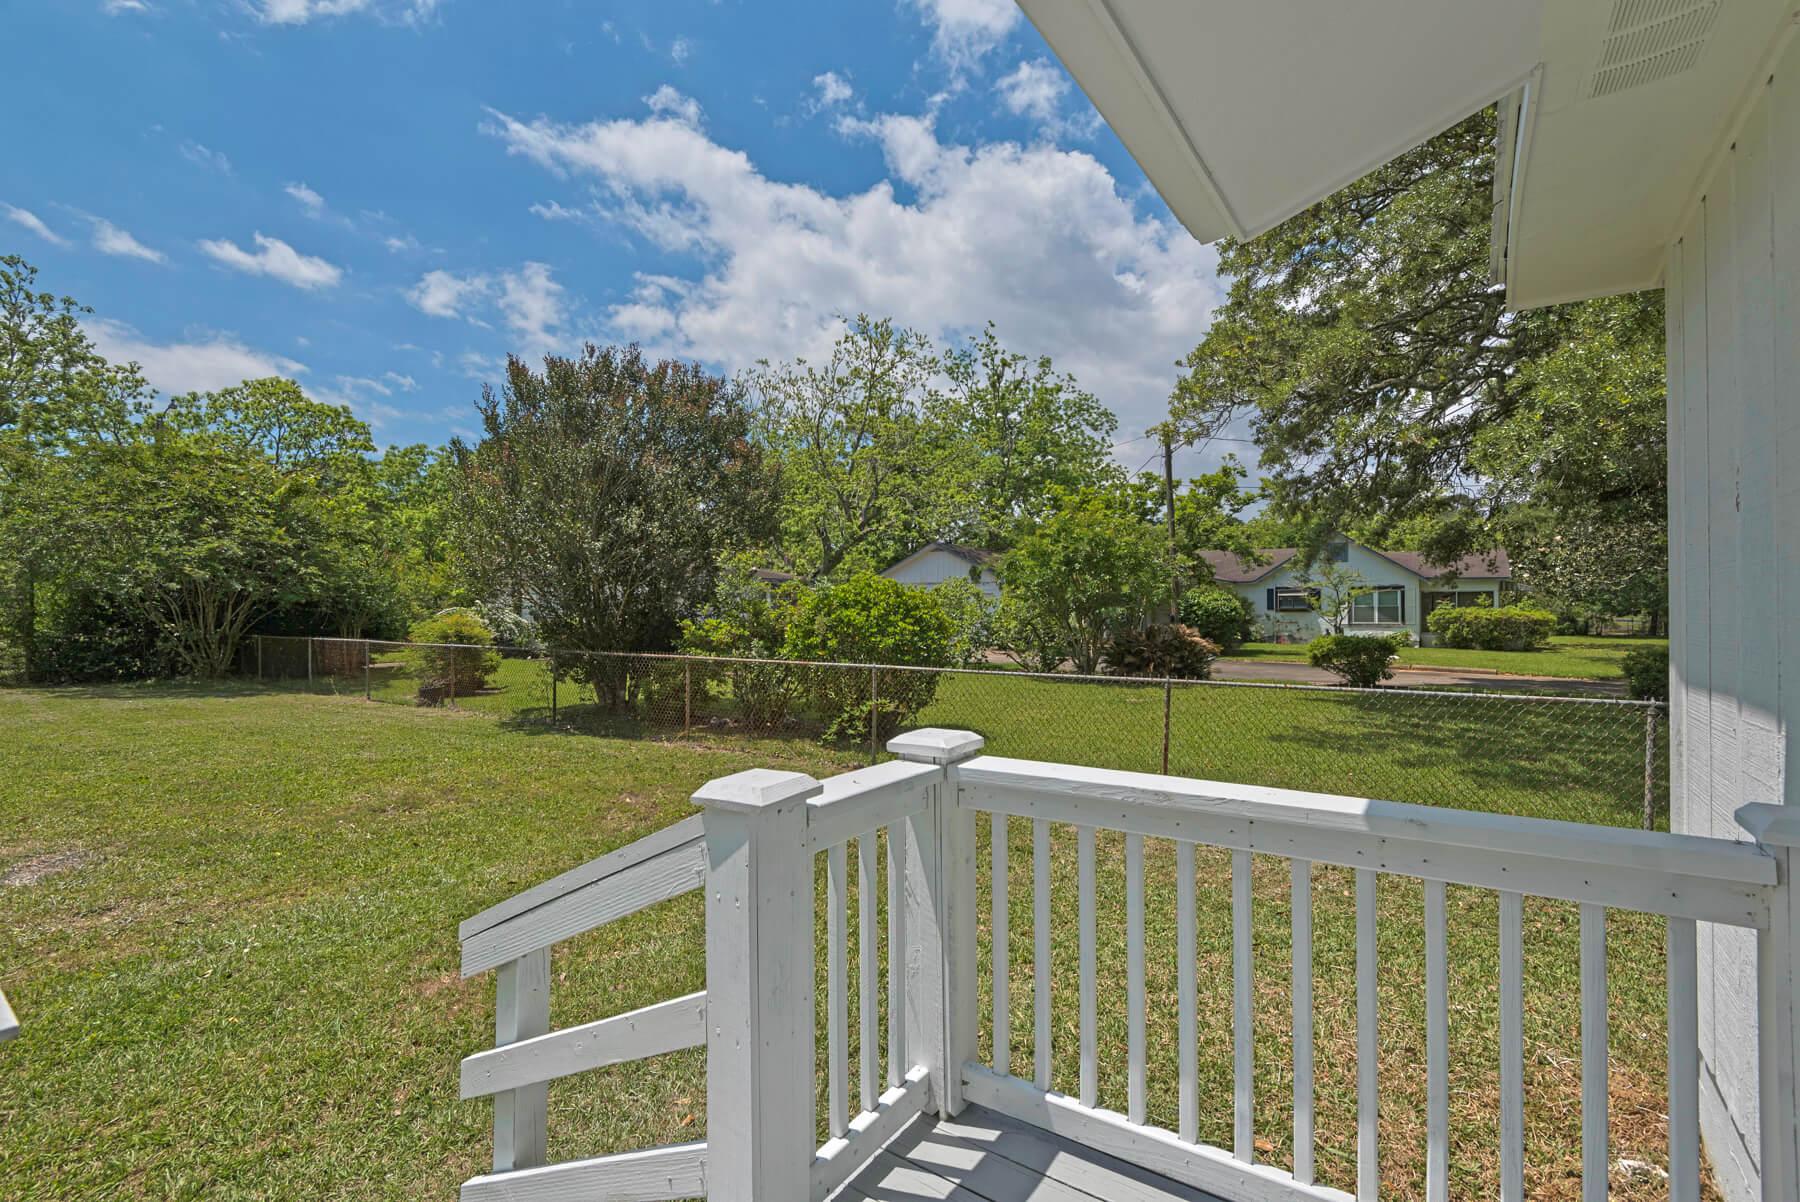 7466 Twin Beech Road Fairhope for Sale Urban Property backyard view 2